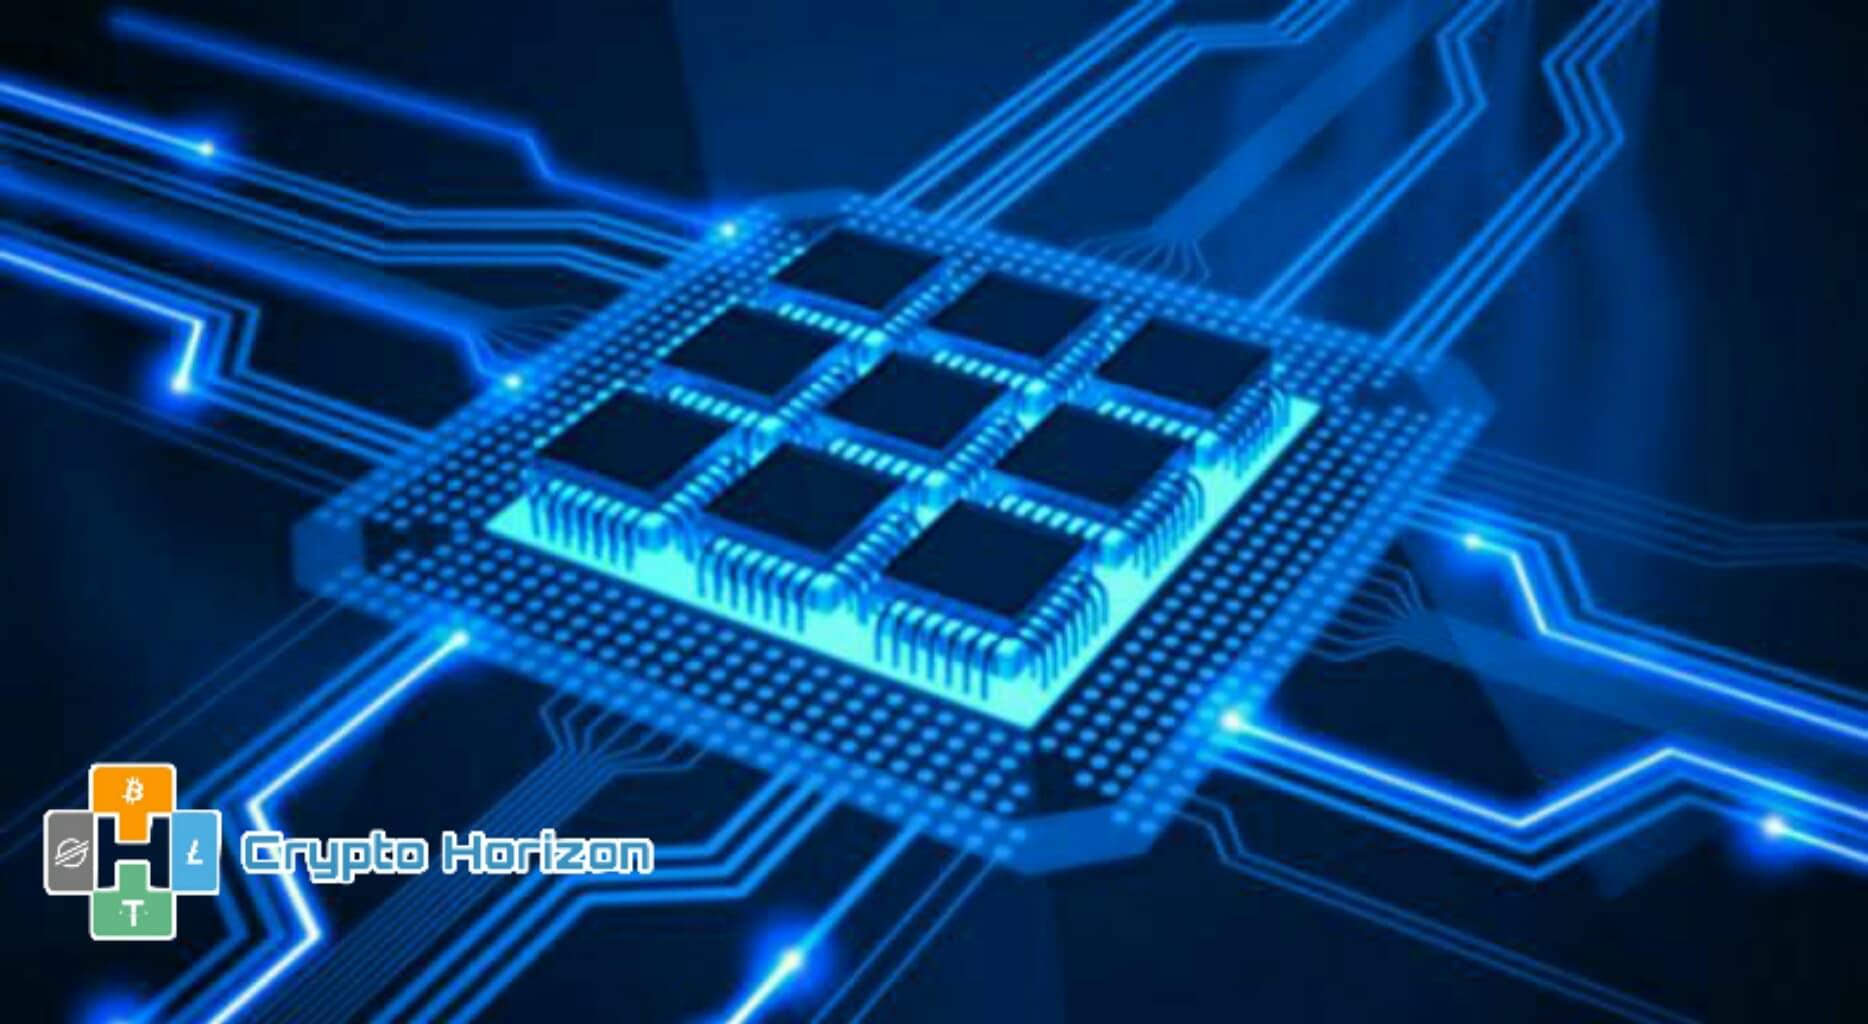 وحدات معالجة الرسومات (GPU)